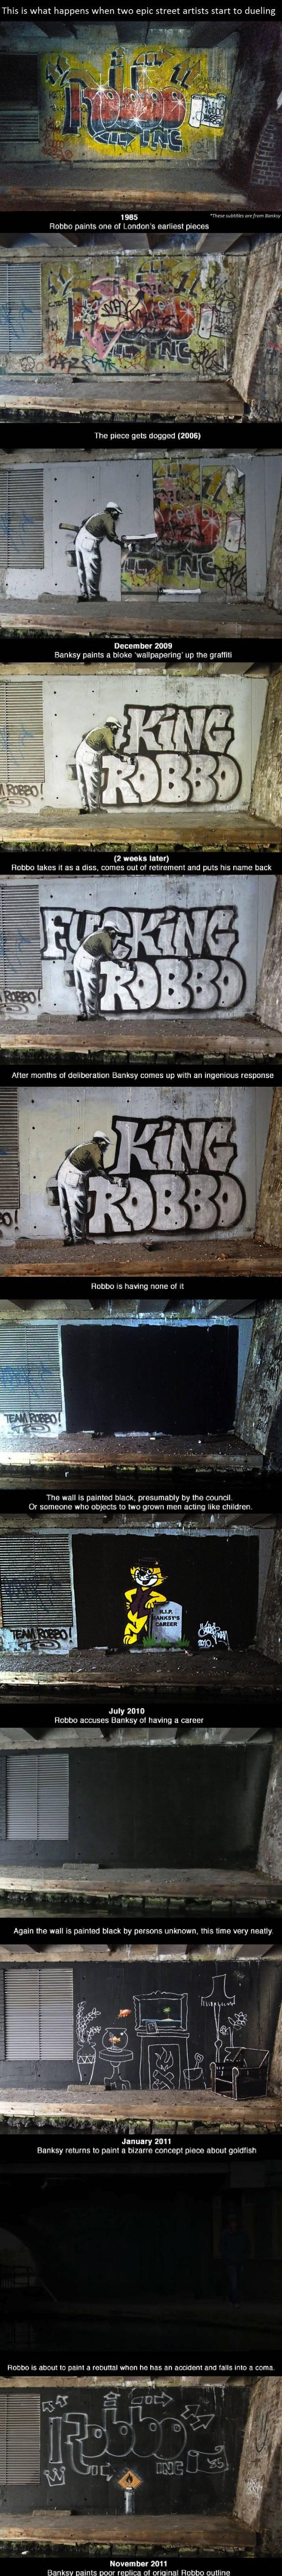 Нашел интересную пикчу - Robbo vs Banksy (*длинная) - Изображение 1